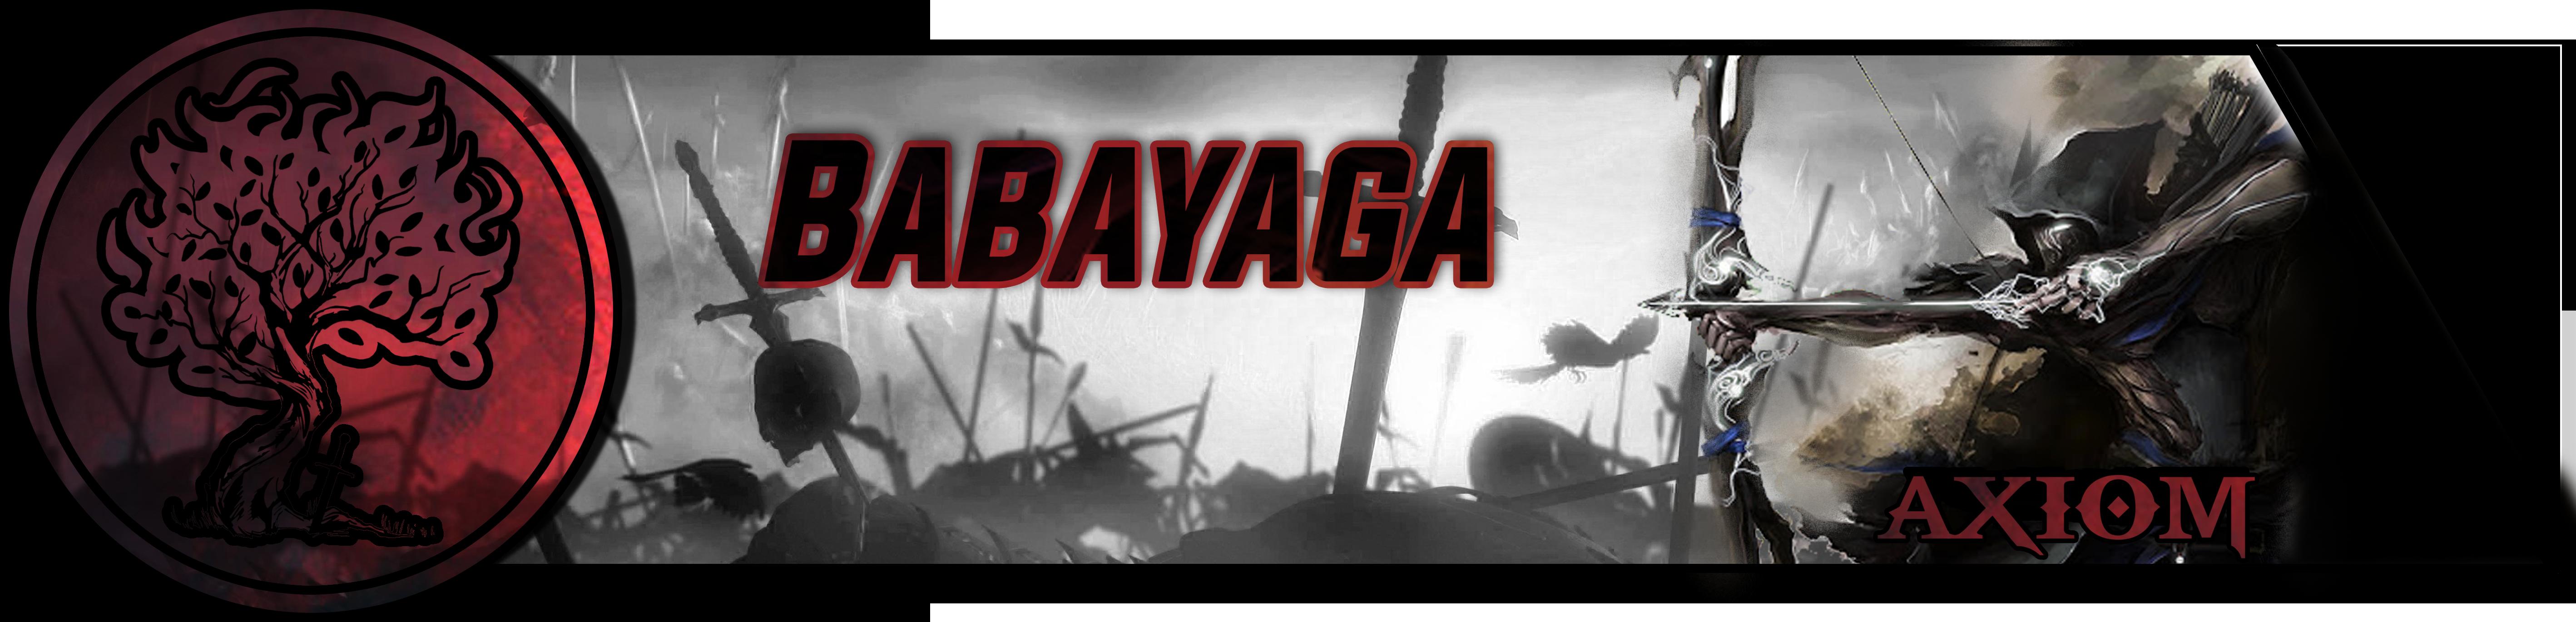 babayaga11e.png